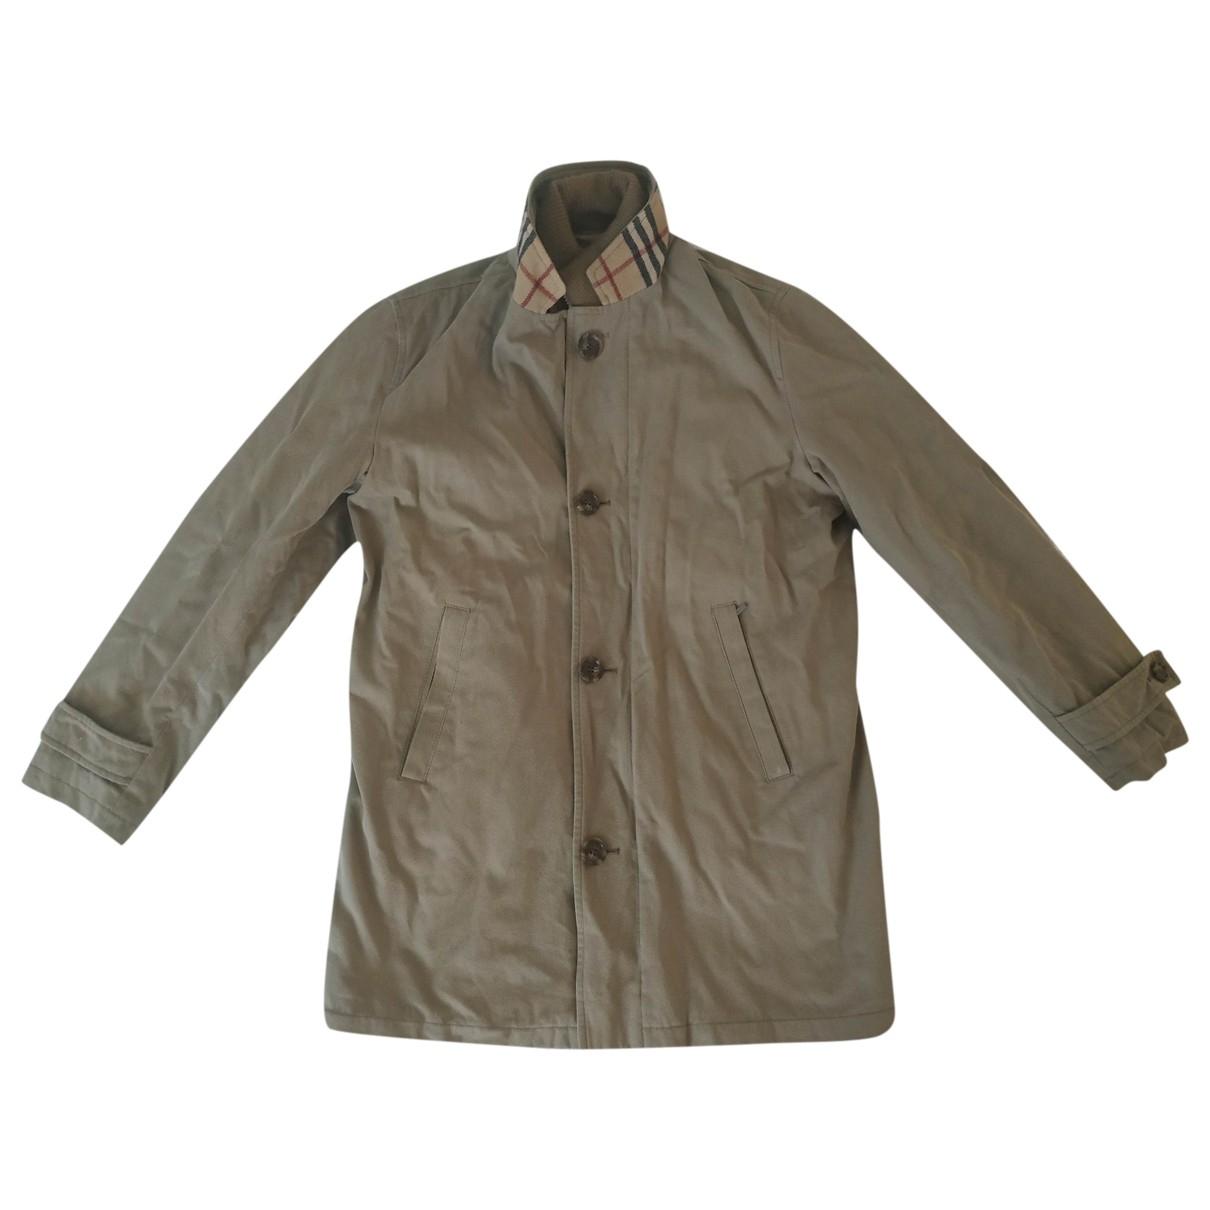 Burberry - Manteau   pour homme en coton - camel